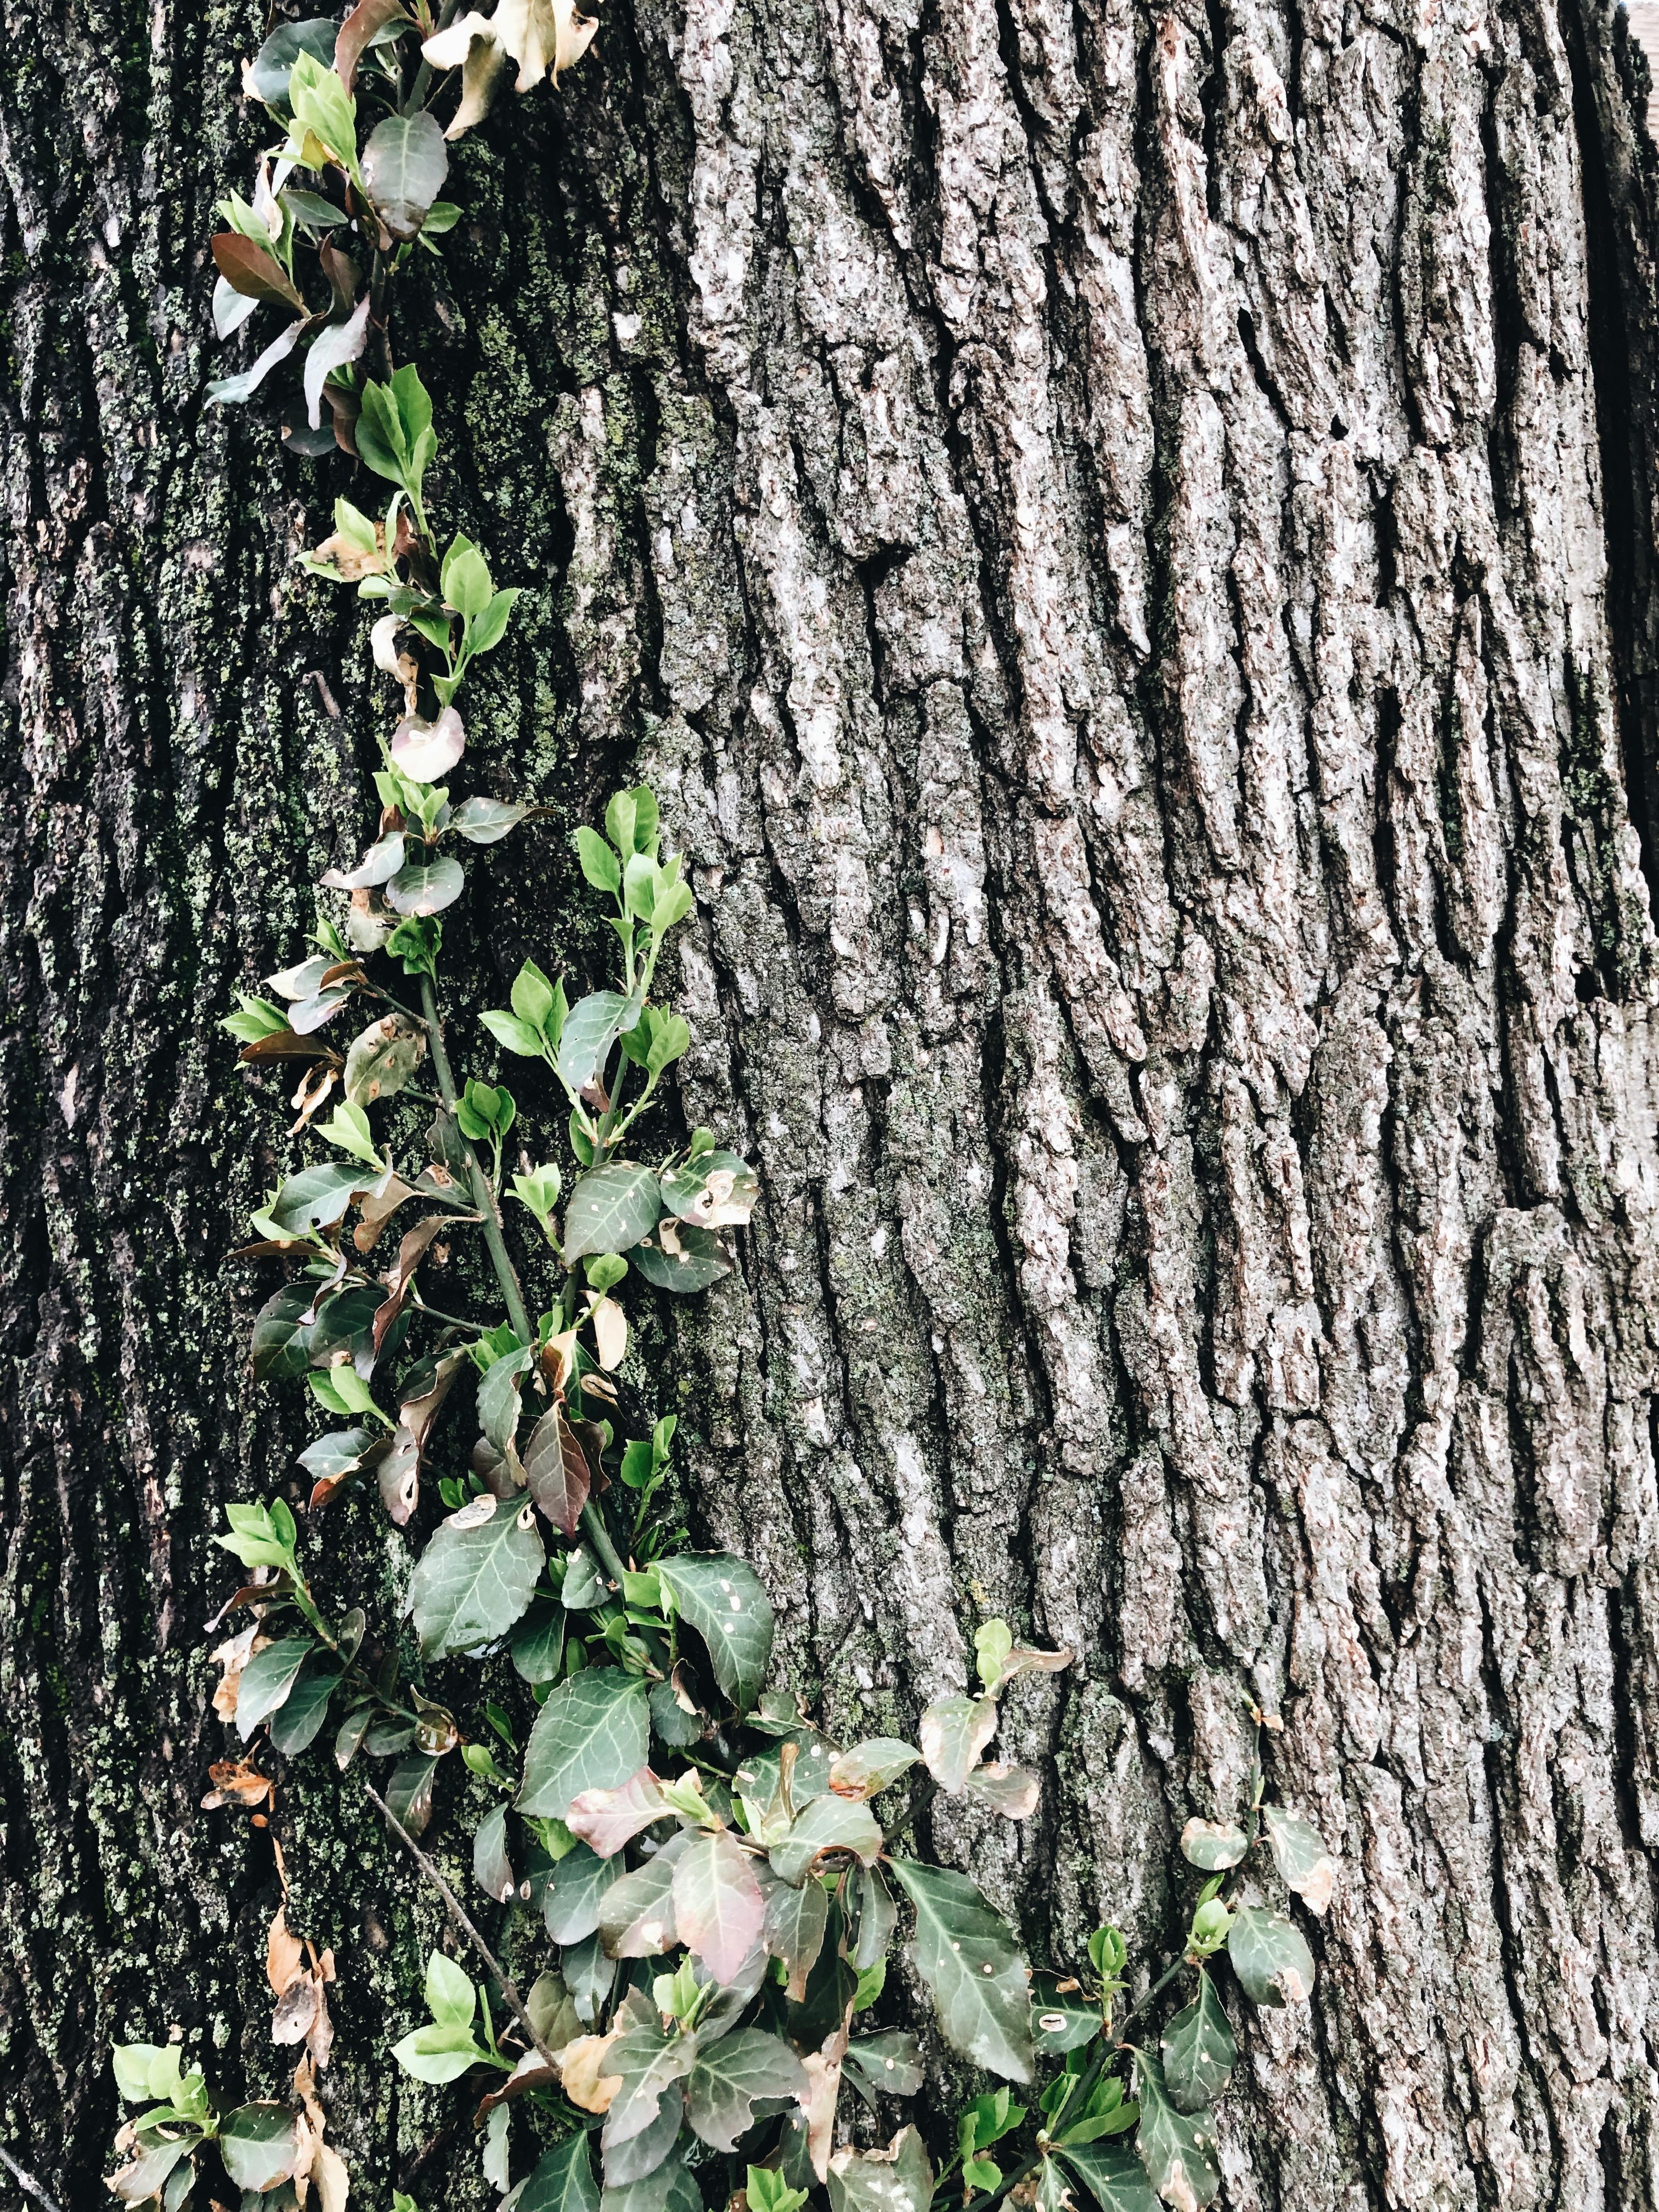 vine on a tree